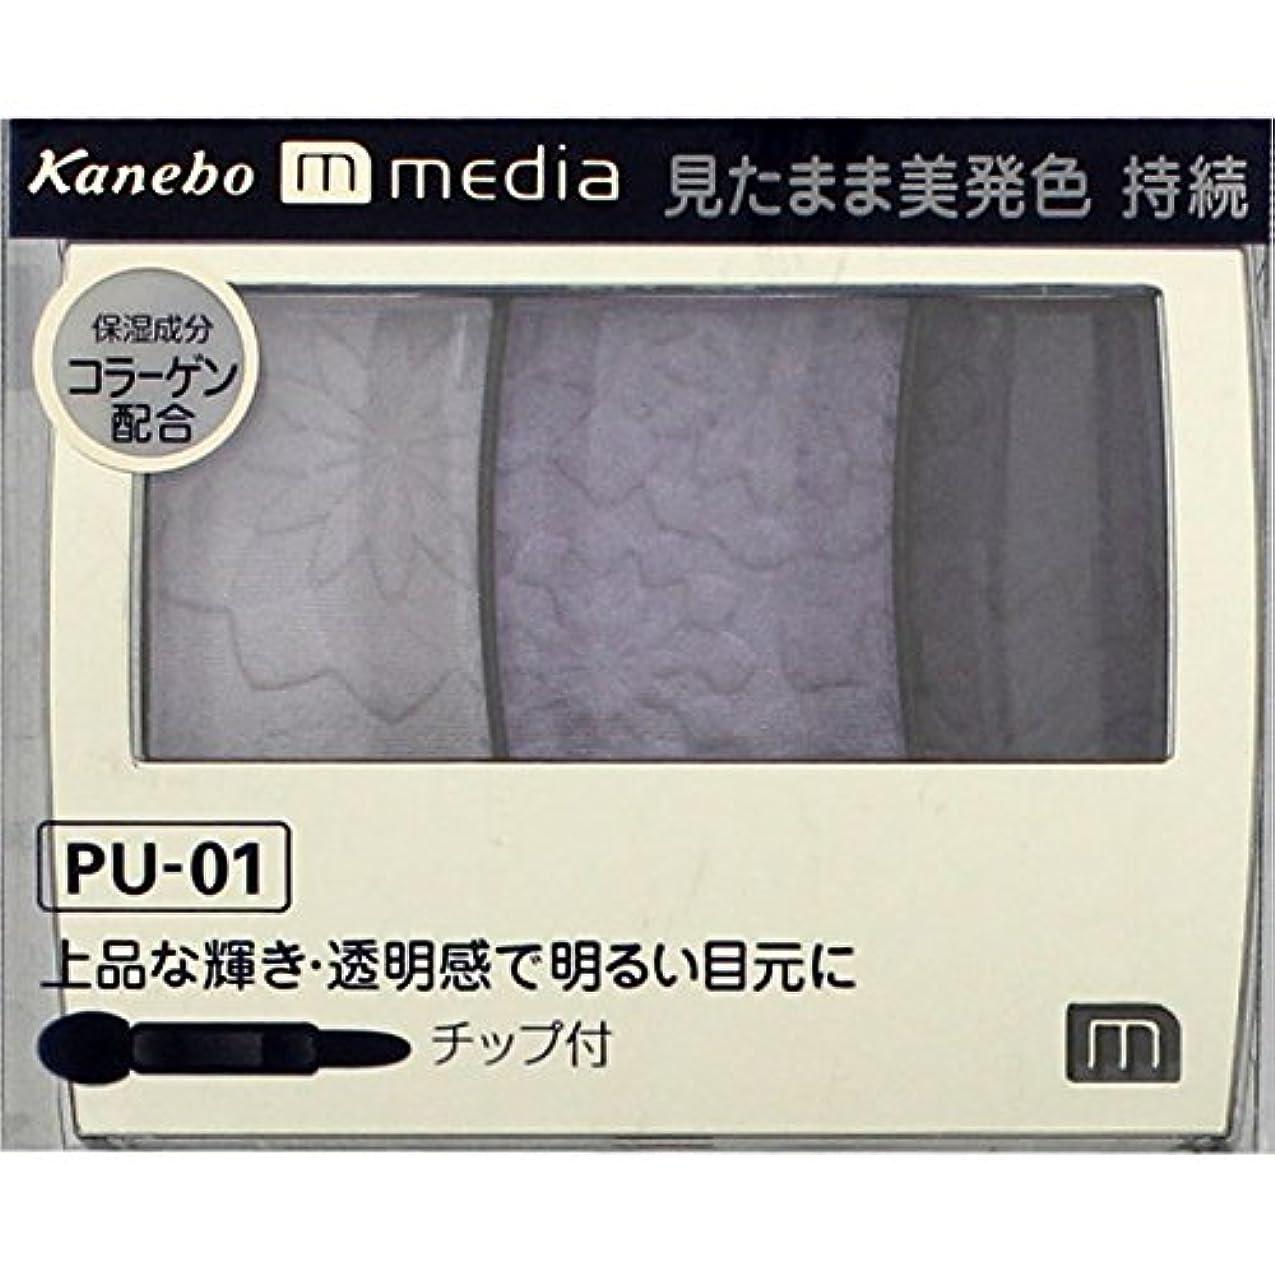 する必要がある荷物冒険家カネボウ メディア(media)グラデカラーアイシャドウ カラー:PU-01